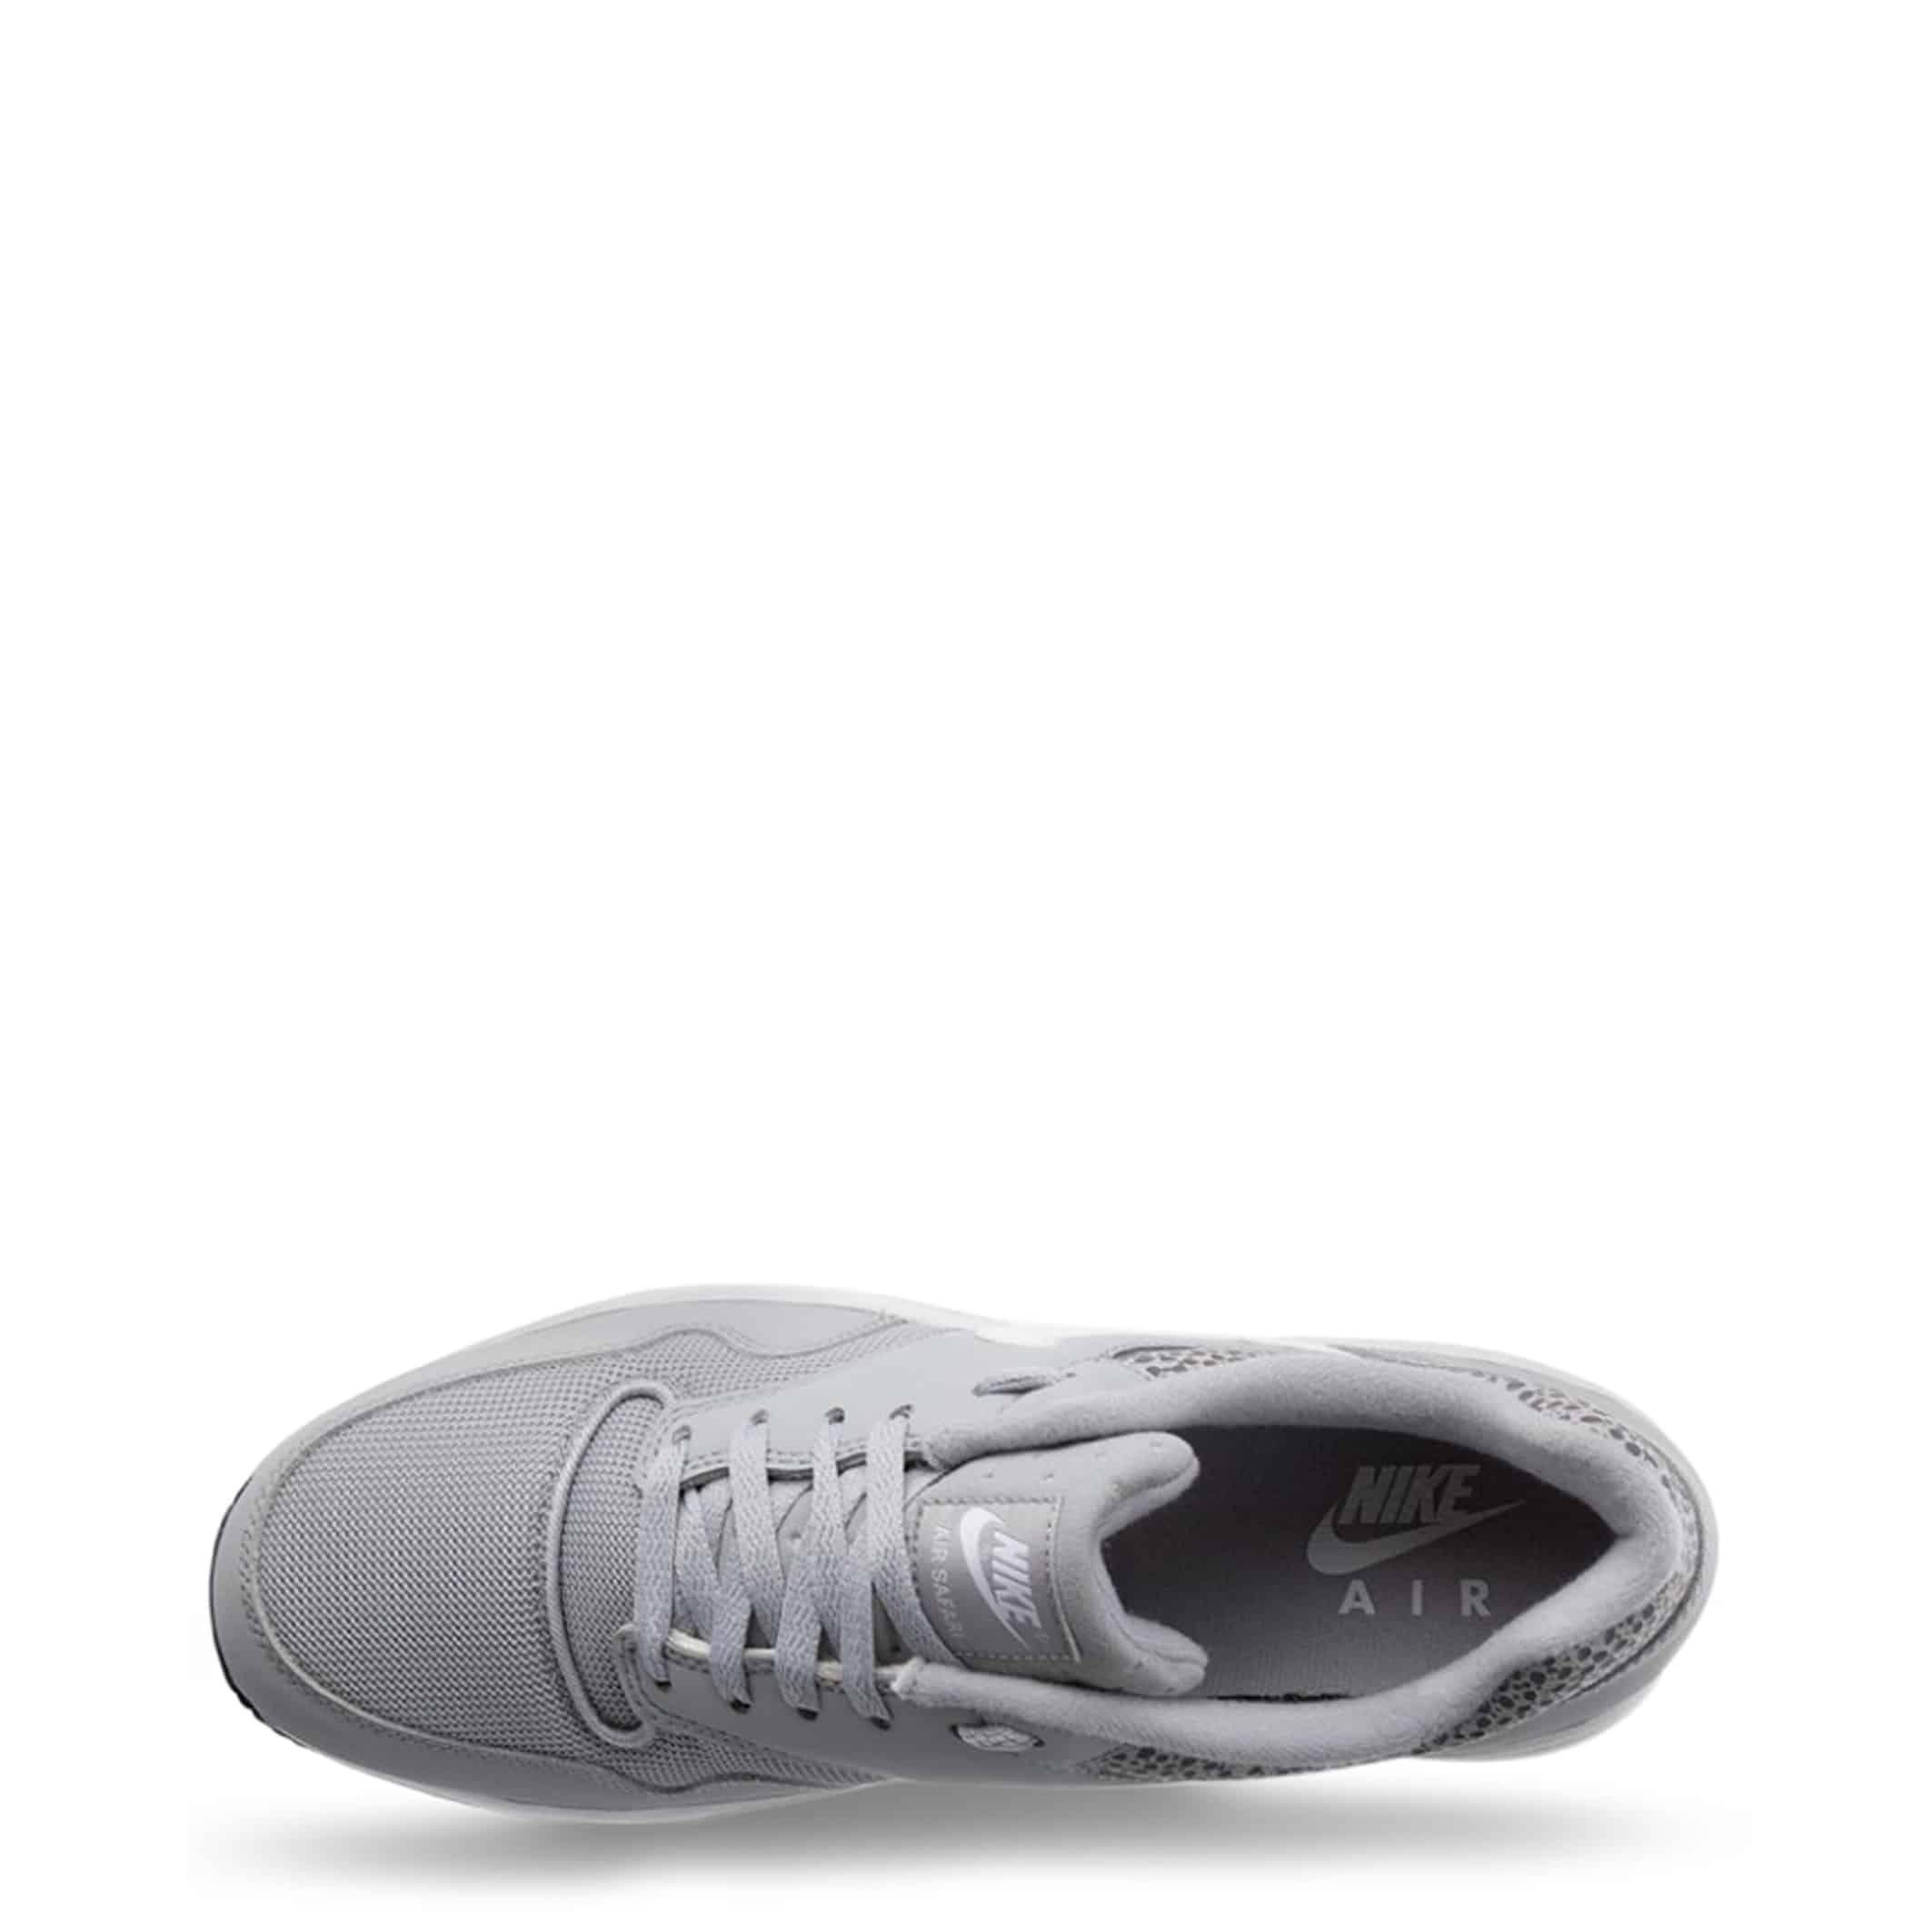 Sneakers Nike – AirSafari